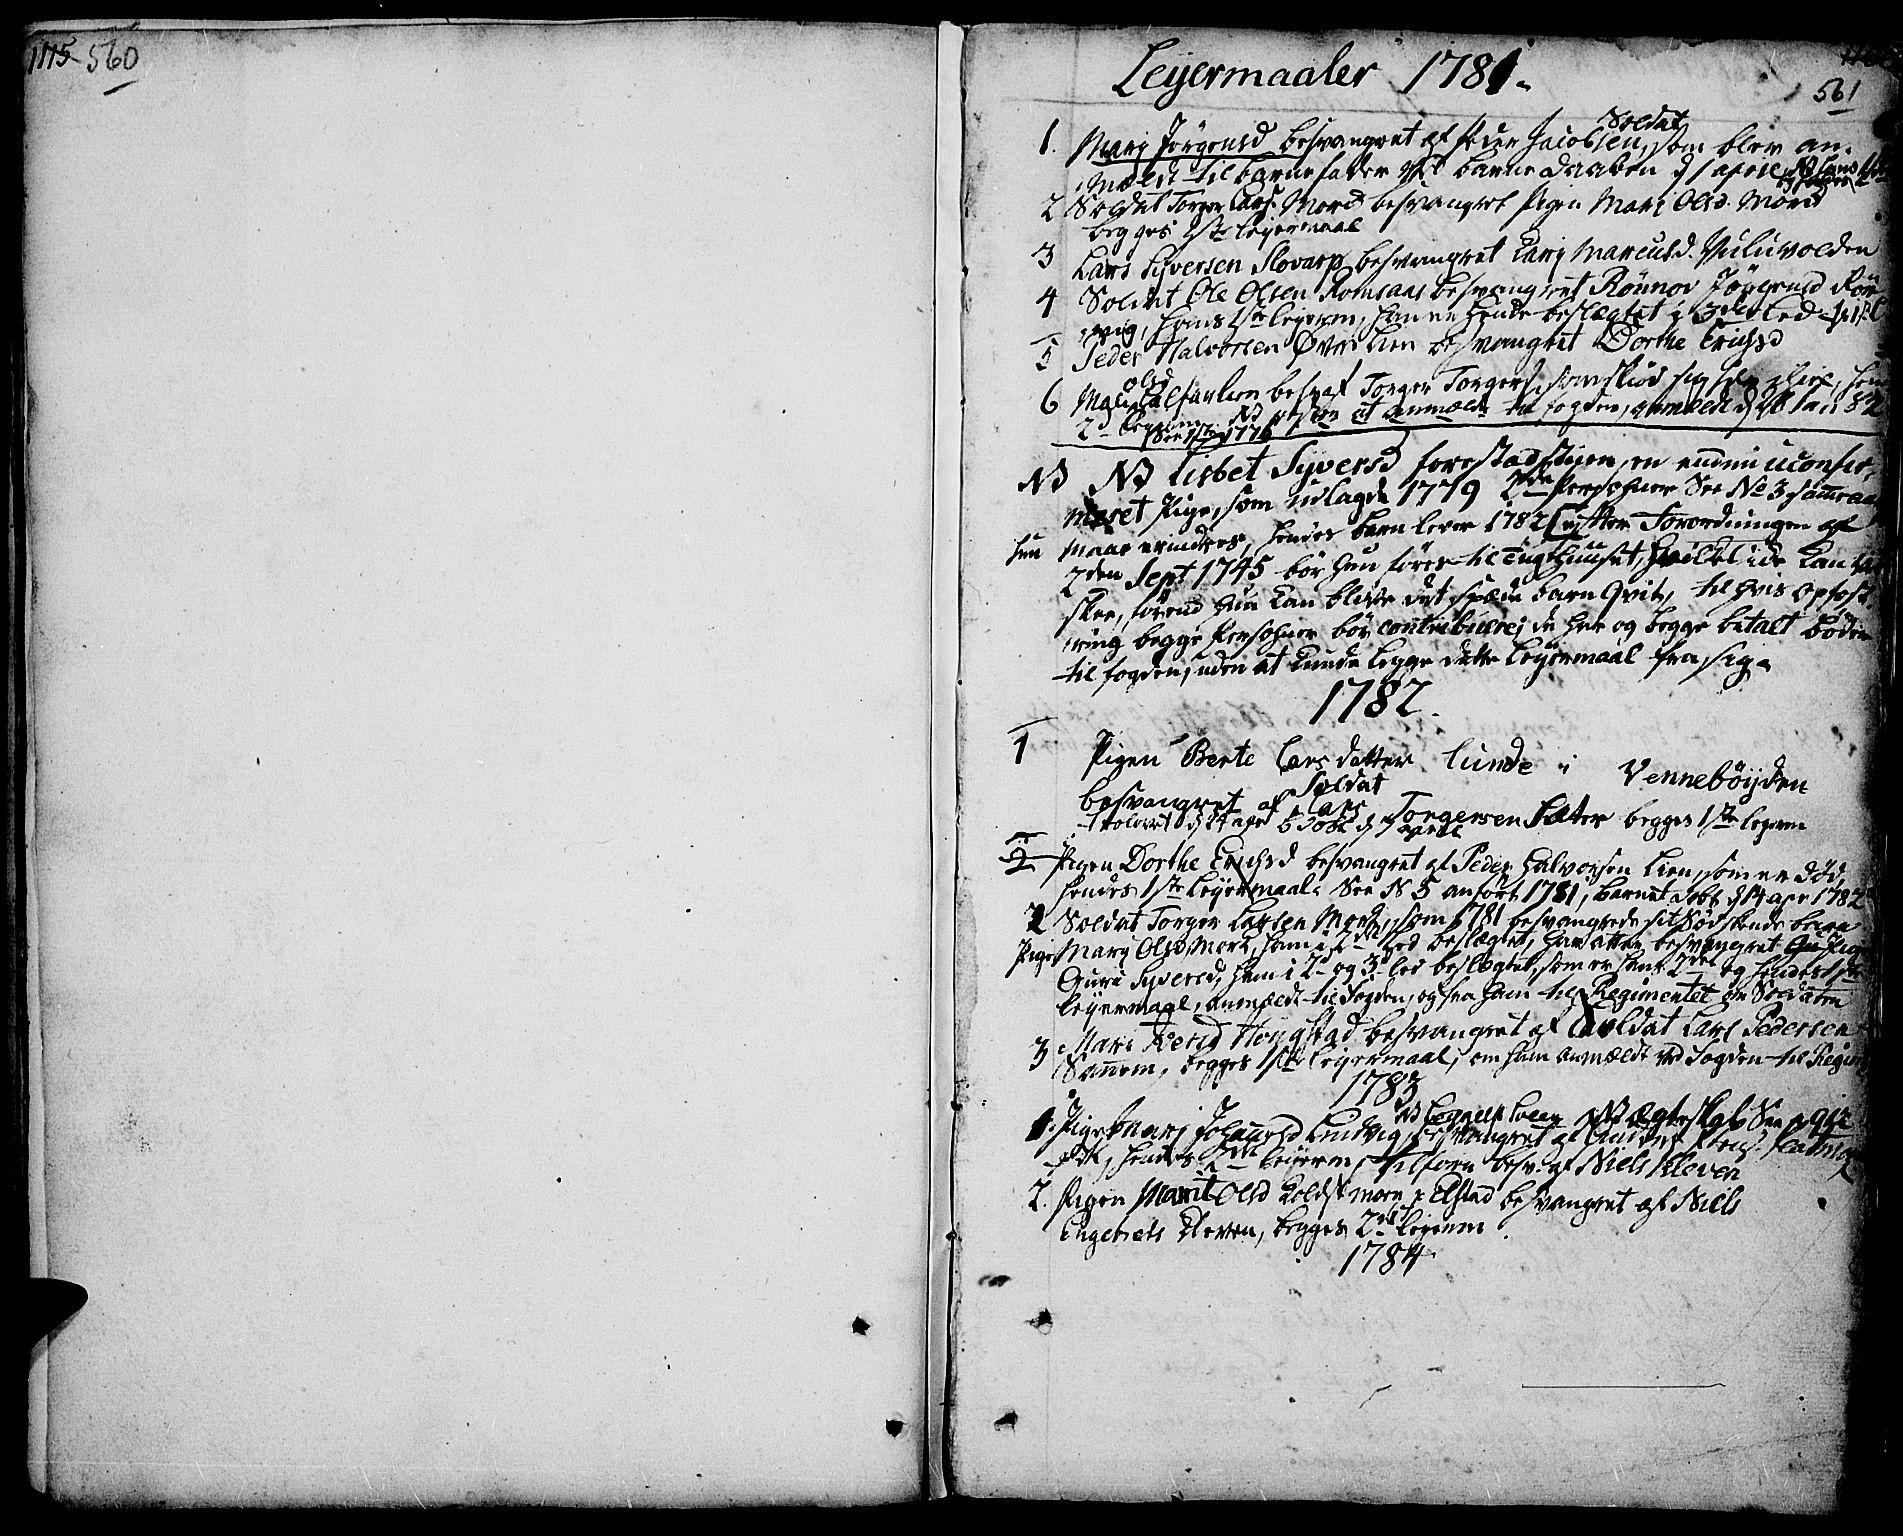 SAH, Ringebu prestekontor, Parish register (official) no. 3, 1781-1820, p. 560-561